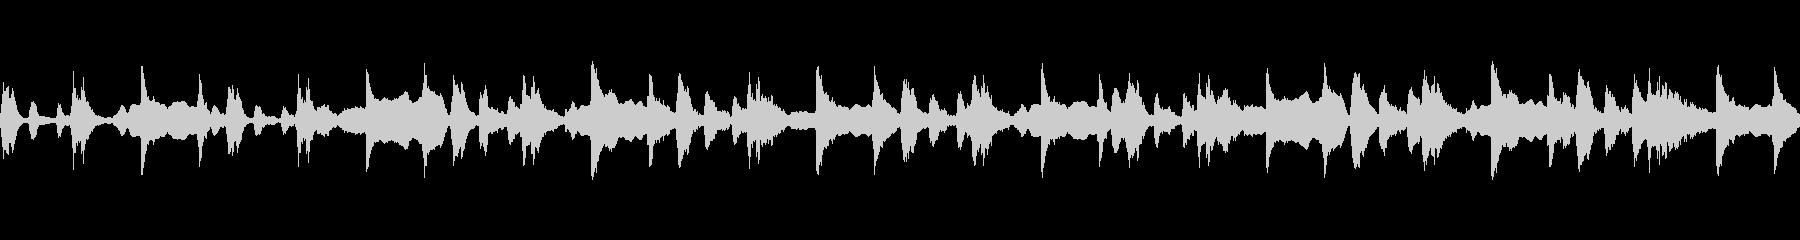 ほのぼのしたまったりシーンで使えるBGMの未再生の波形